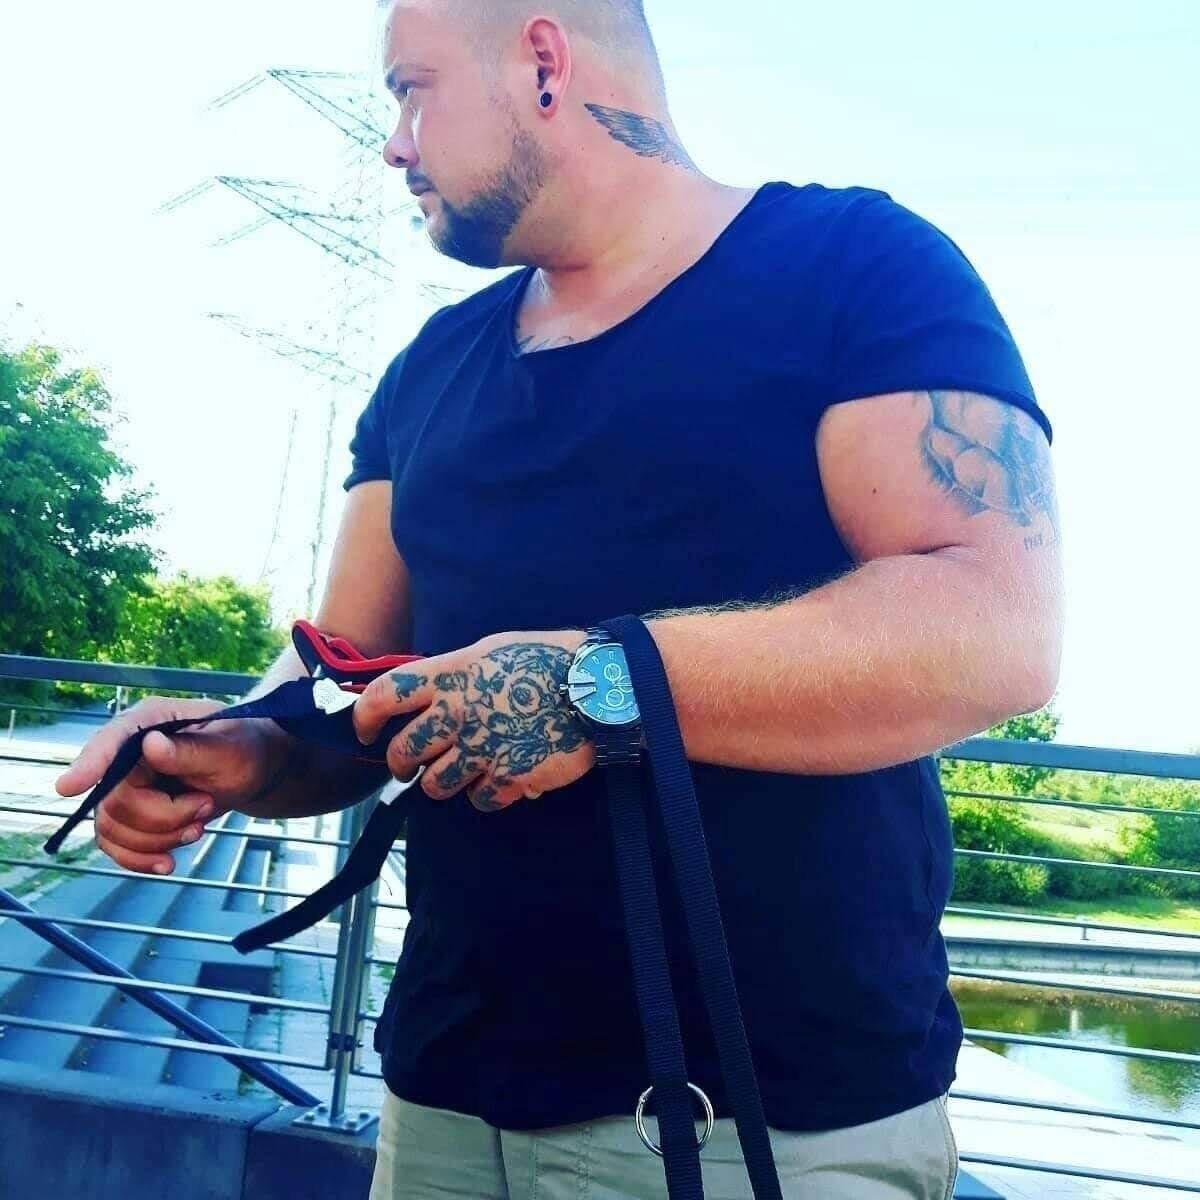 Marc El cordez  aus Nordrhein-Westfalen,Deutschland